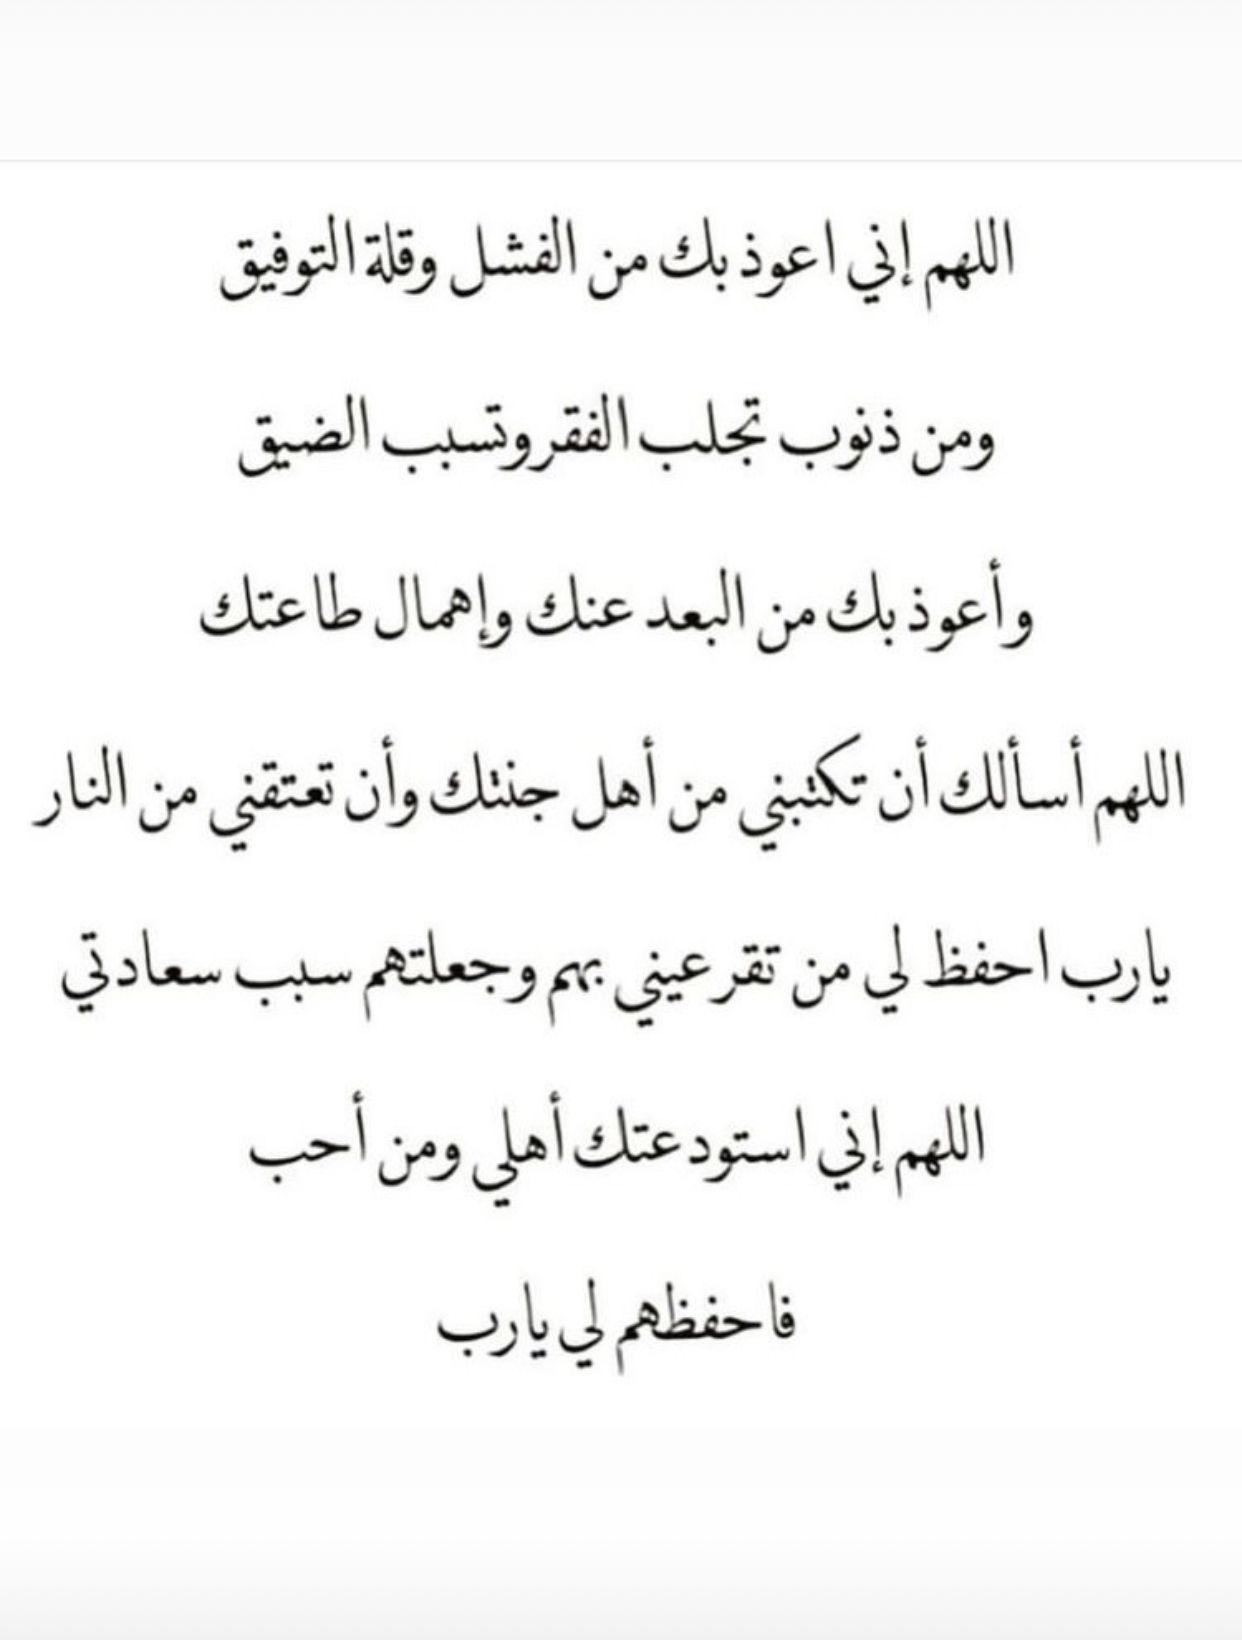 Pin By Sara Saro On Allah Islamic Quotes Quran Quran Quotes Verses Quran Quotes